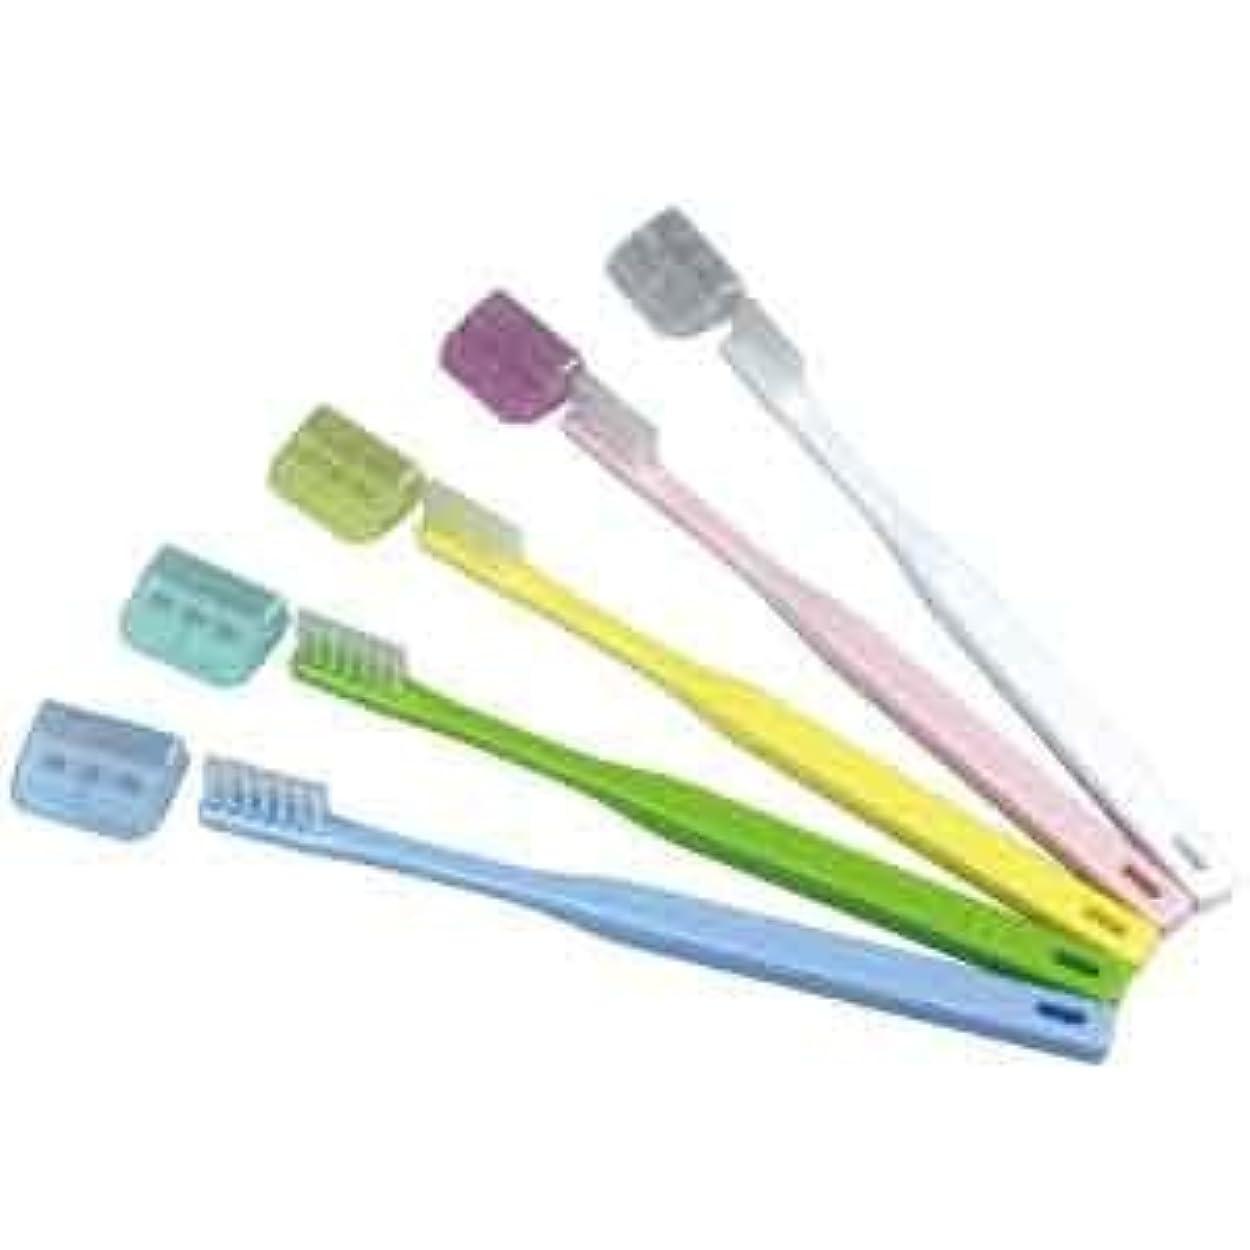 パプアニューギニアラップ積極的にV-7 歯ブラシ ふつう レギュラーヘッド/5本入り